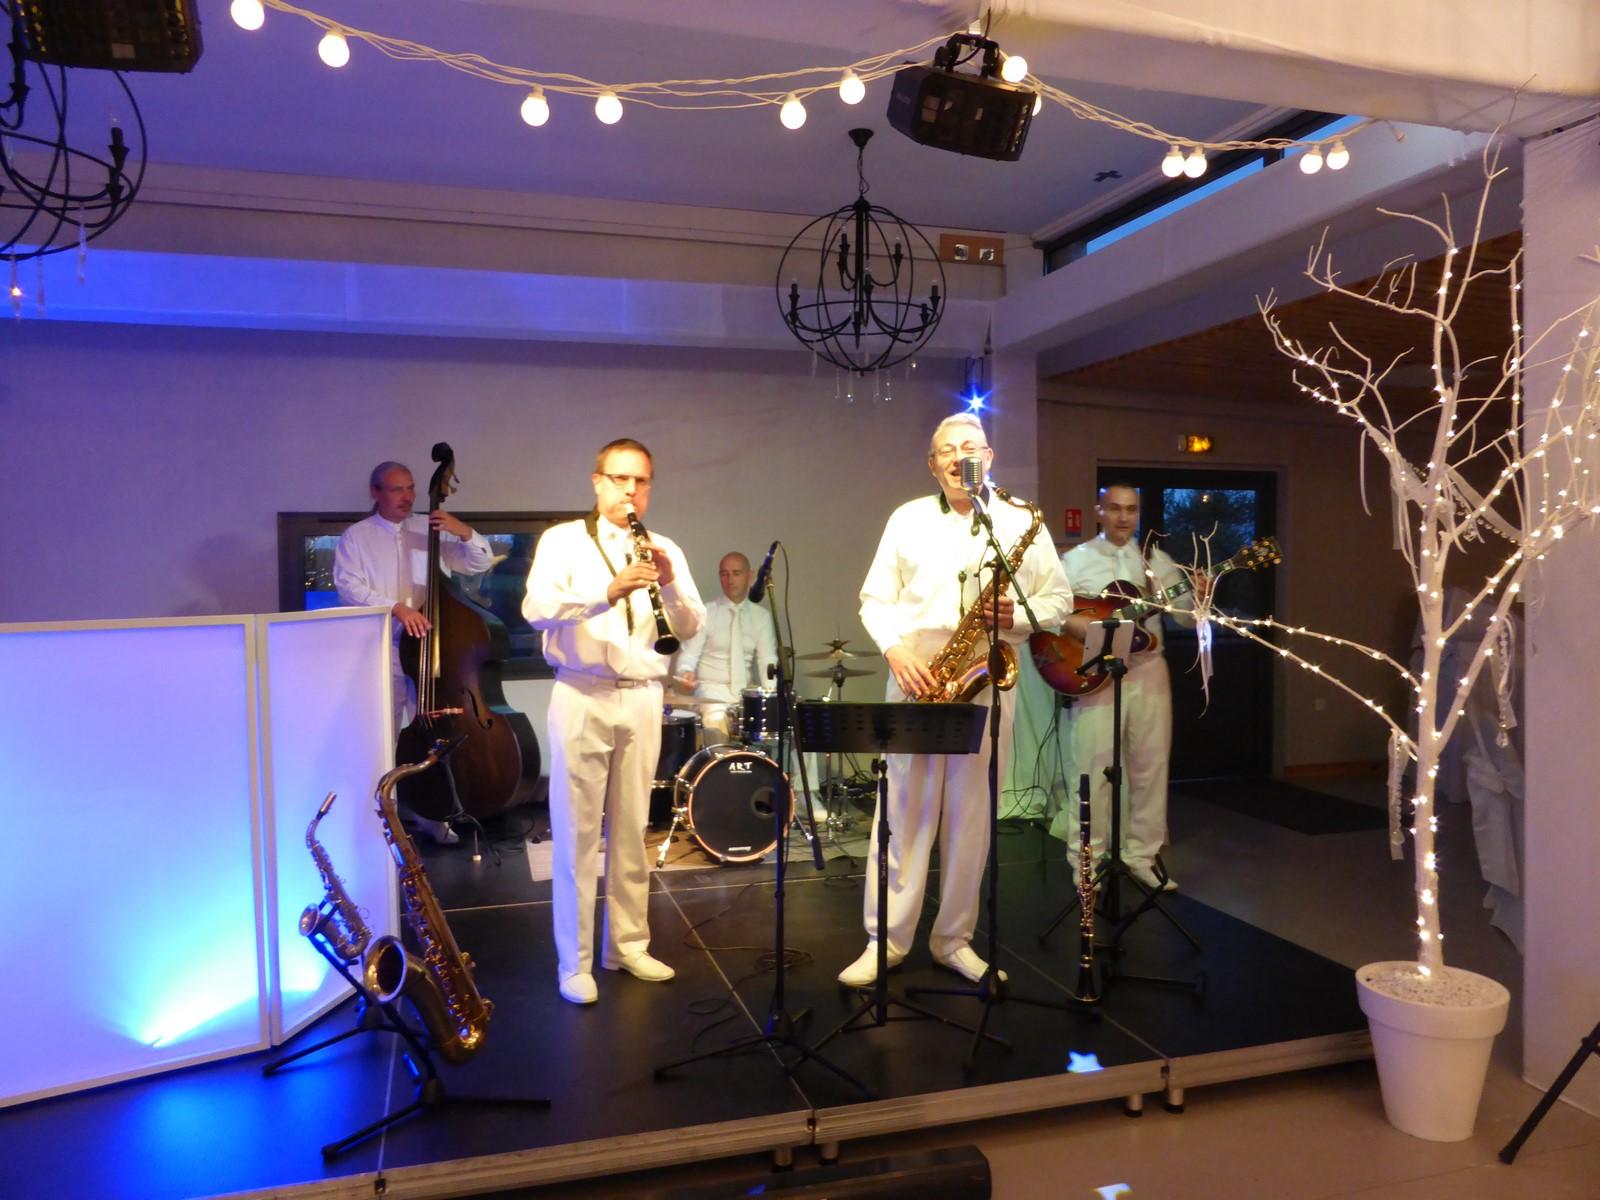 Orchestre de jazz swing pour le repas de mariage